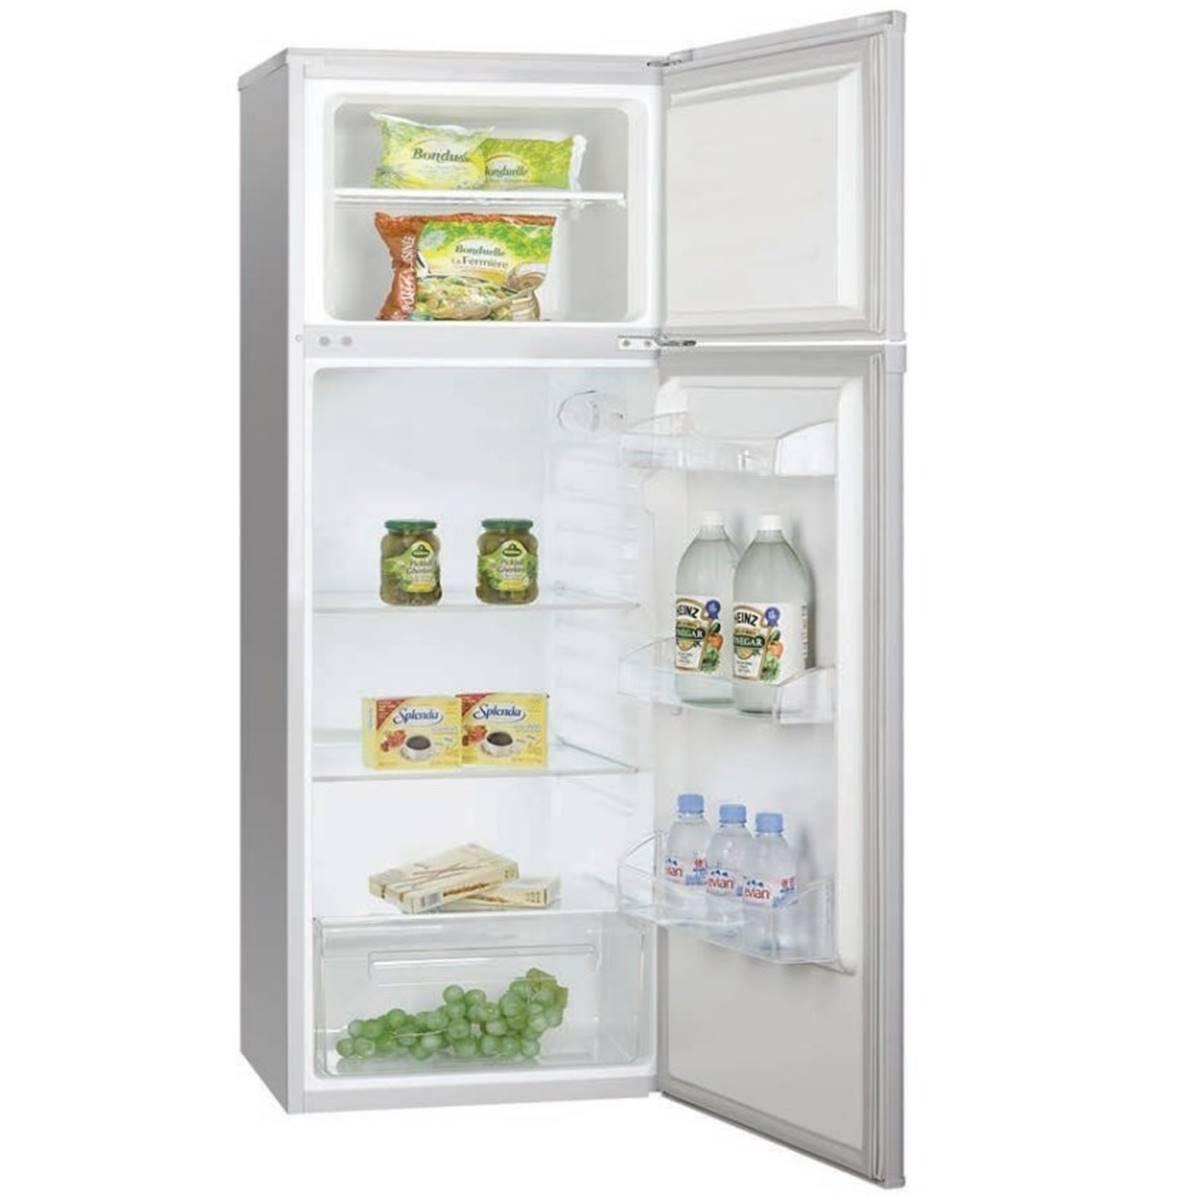 refrigerateur 2 portes amica af7211s. Black Bedroom Furniture Sets. Home Design Ideas